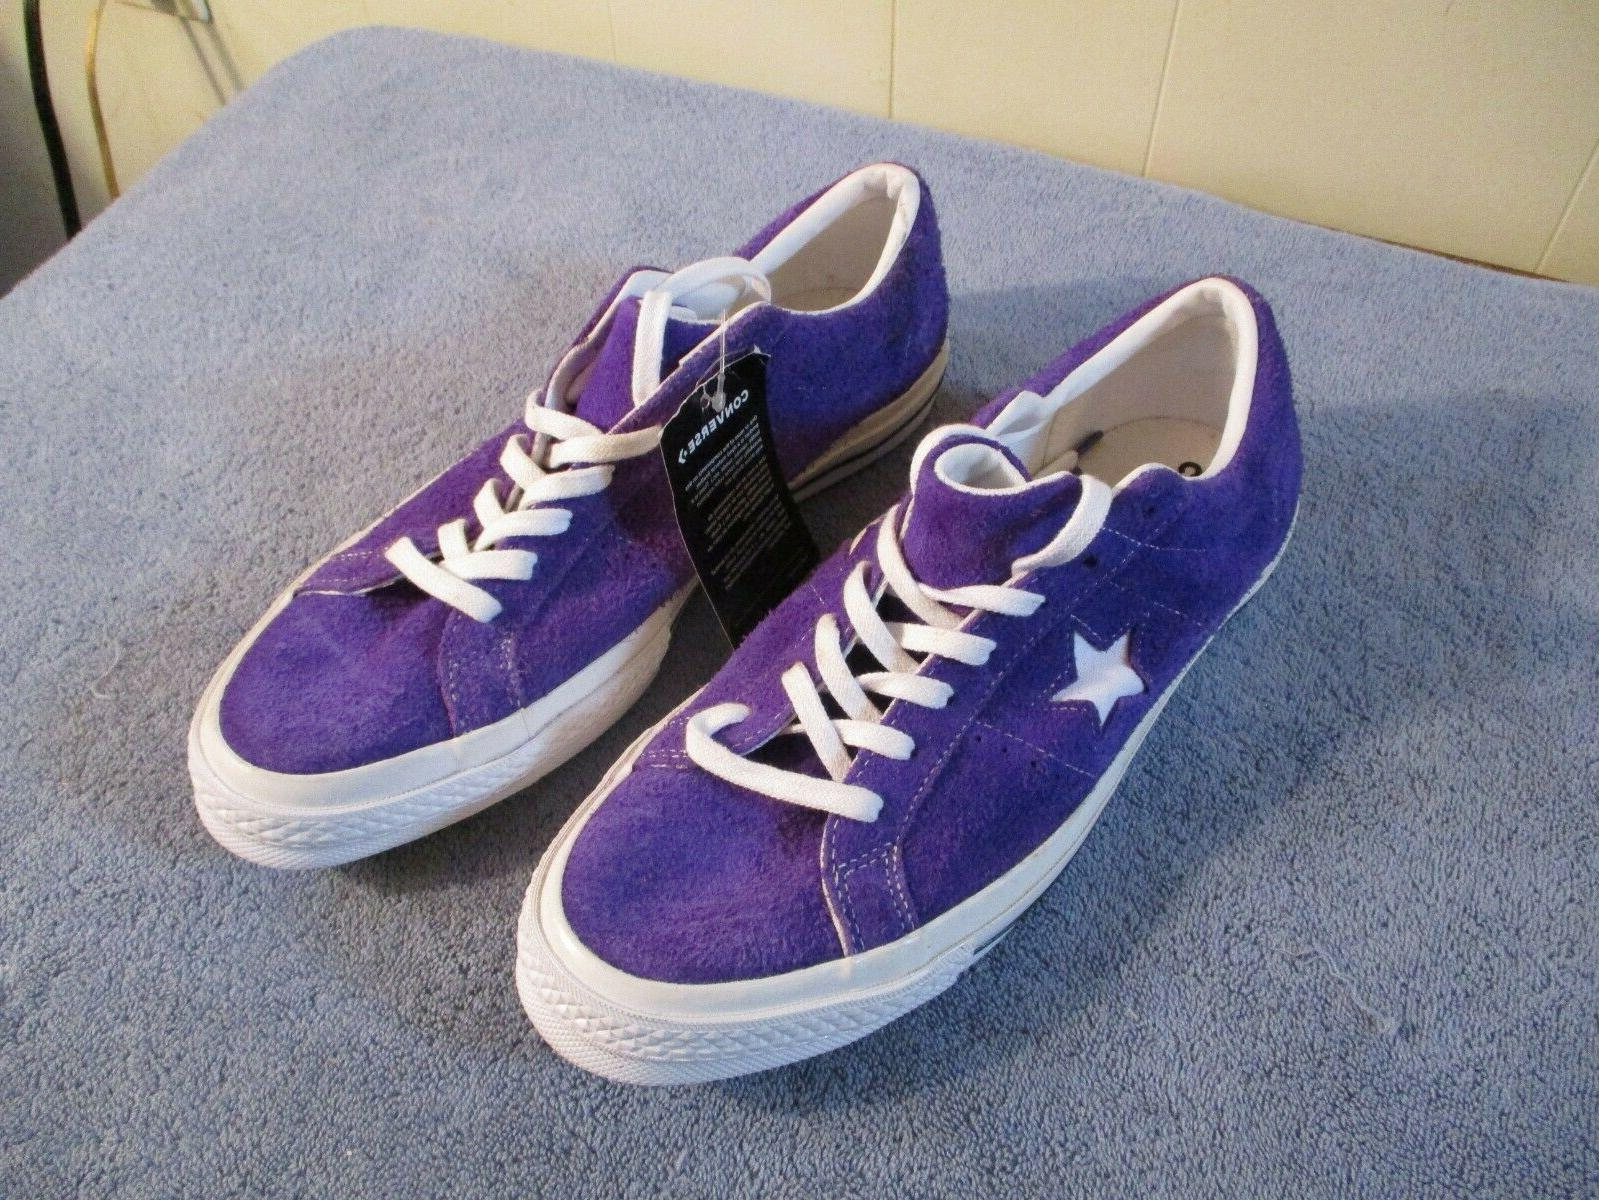 nwt one star purple suede sz 10